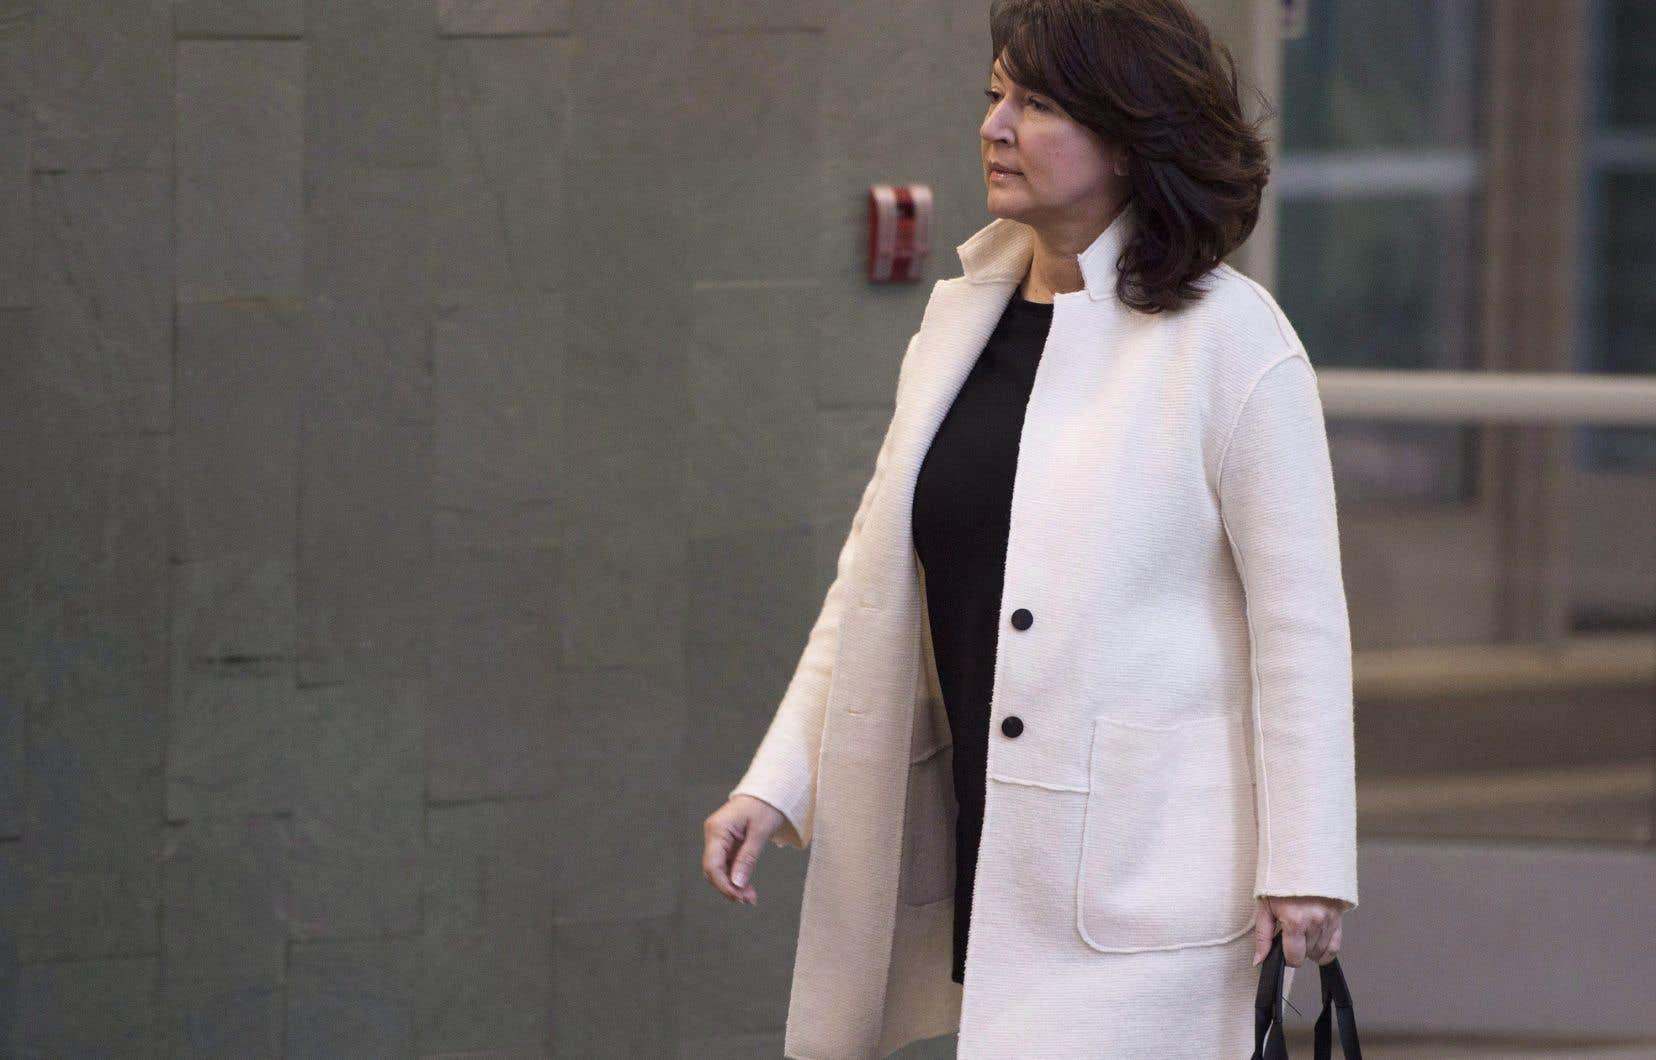 L'ancienne élue libérale Nathalie Normandeau est accusée d'abus de confiance, de souscription frauduleuse à une caisse électorale et d'actes de corruption dans les affaires municipales.